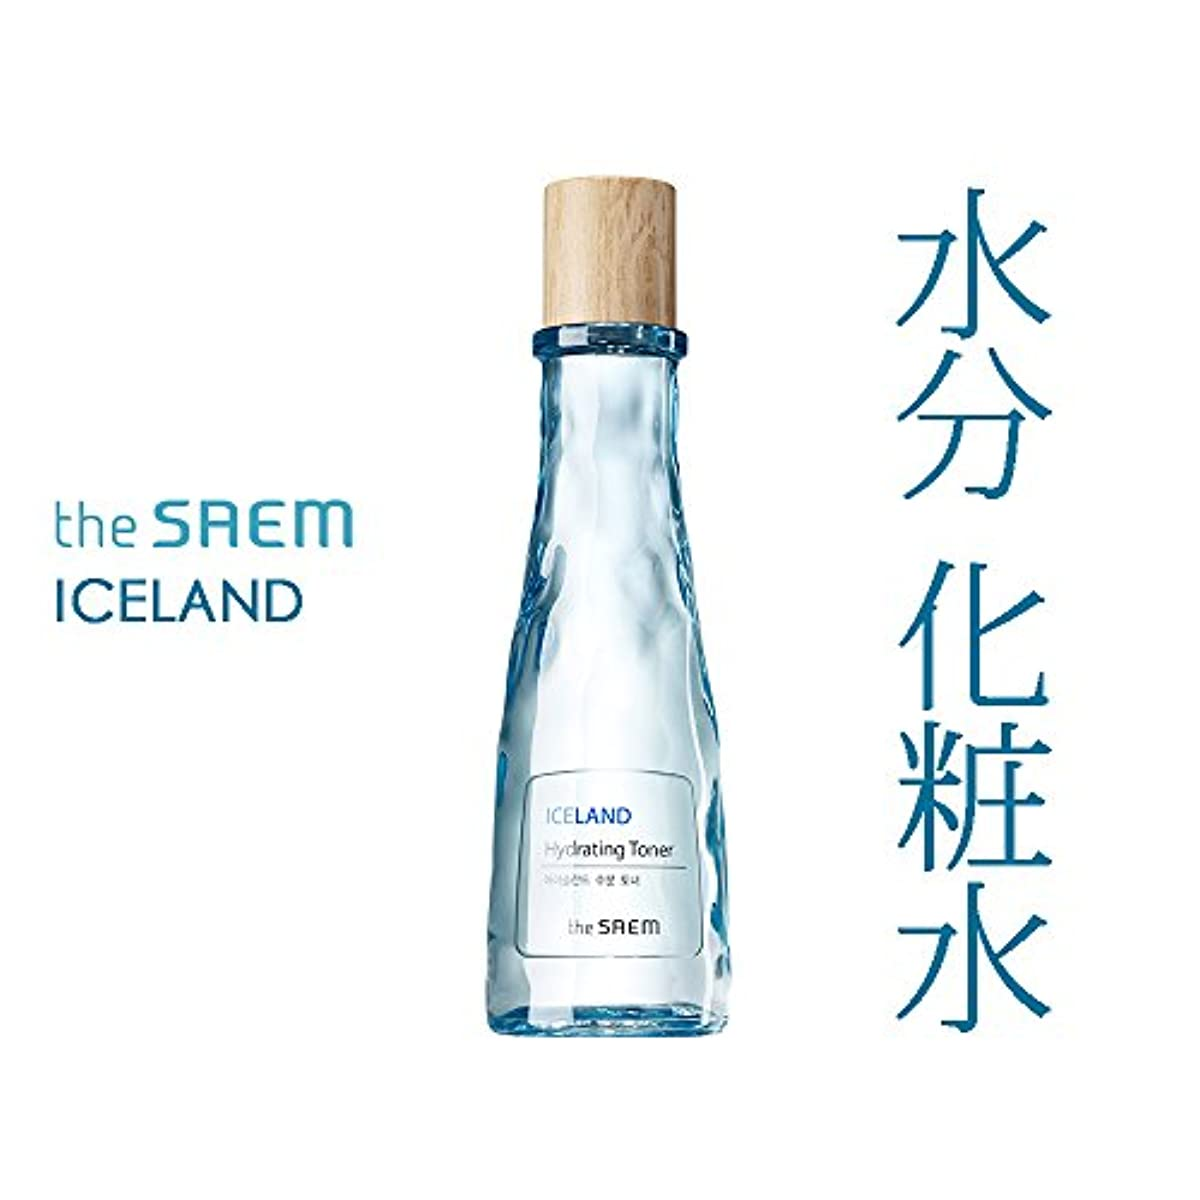 レガシー酸度思われるTHE SAEM ザセム アイスランド 水分 トナー Iceland Hydrating Toner 160ml 【 化粧水 水分補給 潤い 高保湿 韓国コスメ 】